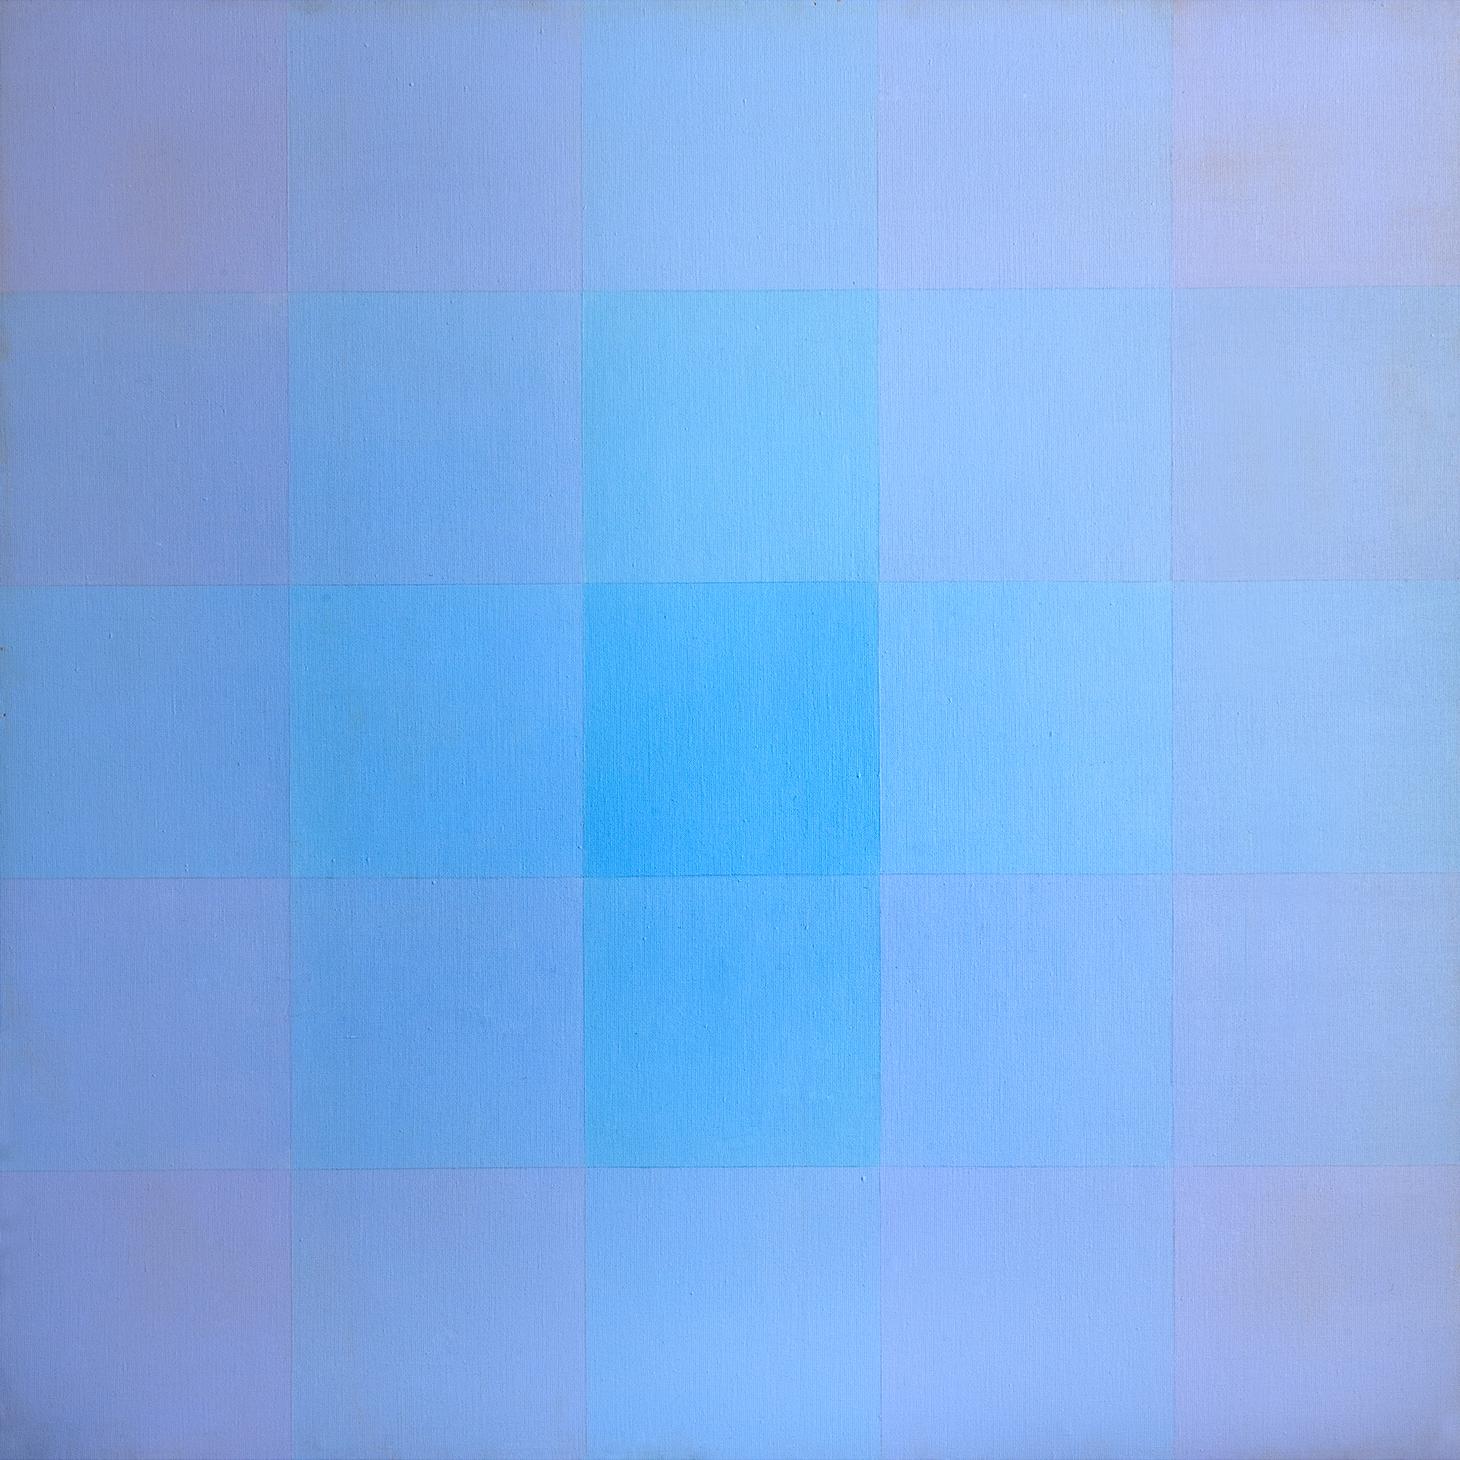 op-179-jorrit-tornquist-galleria-michela-cattai